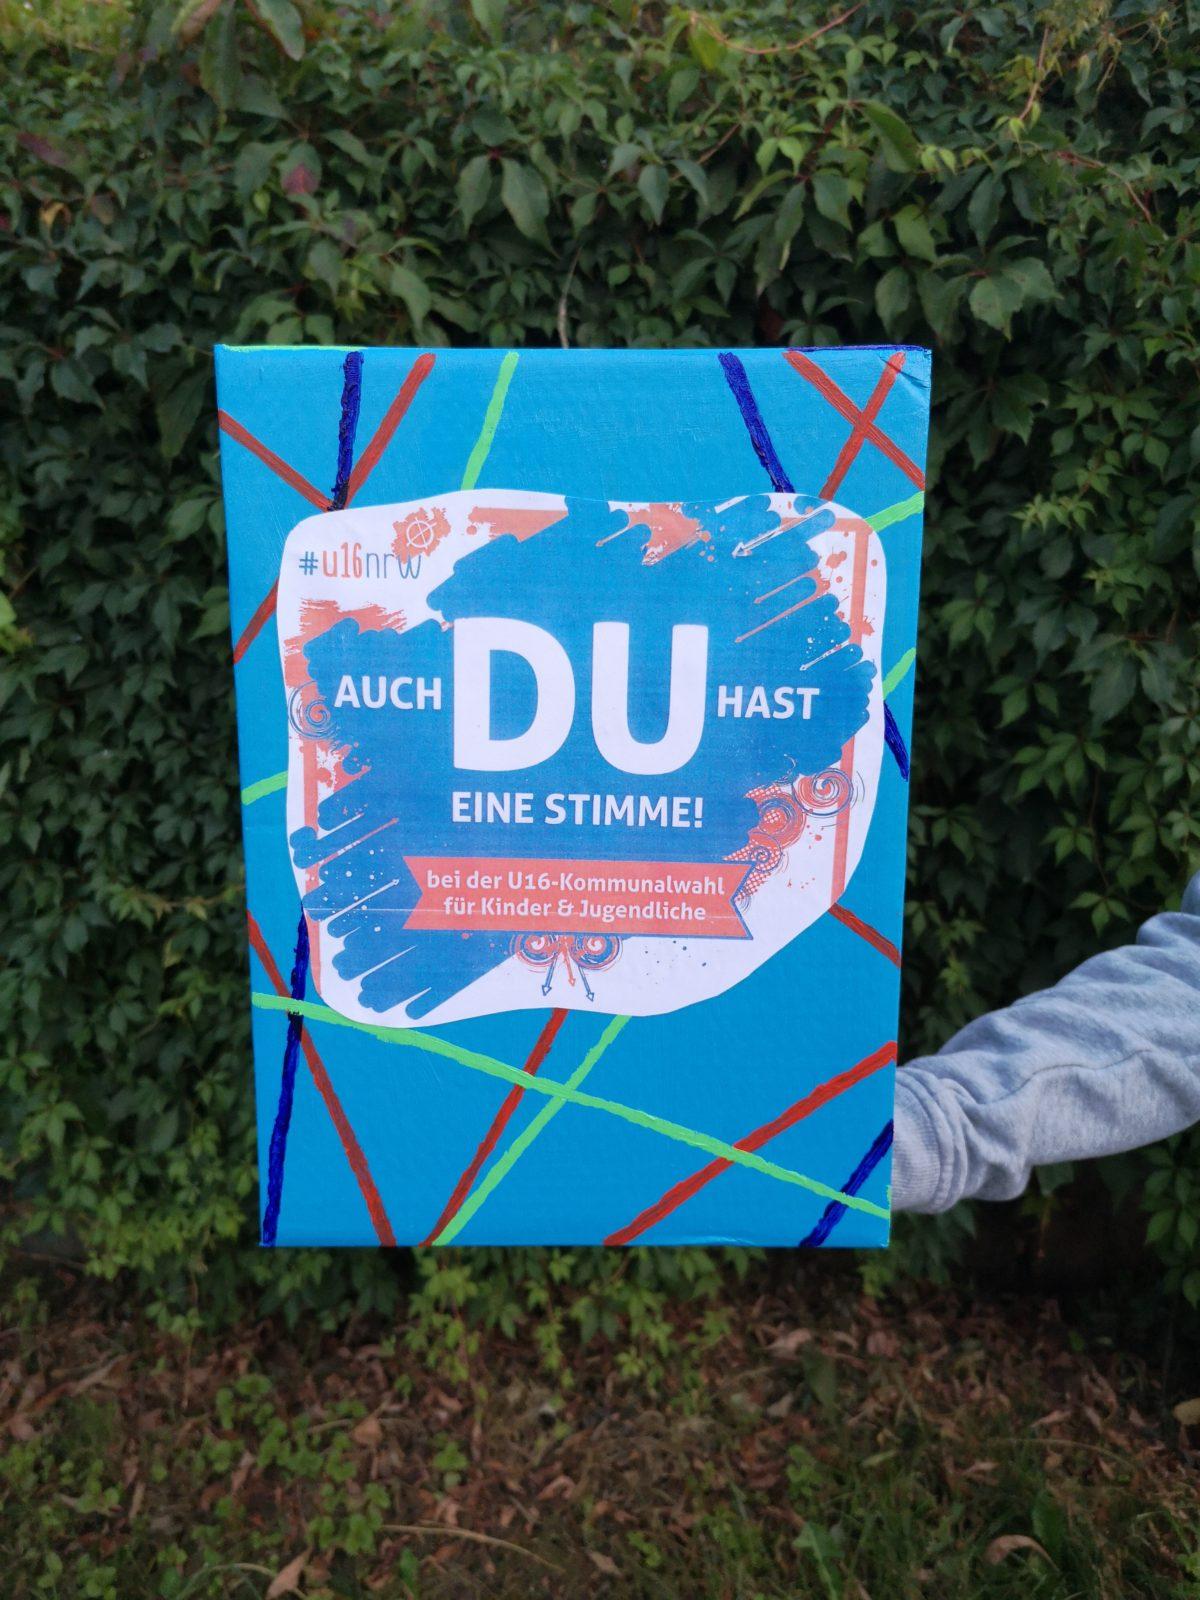 Sportjugend im Kreissportbund Höxter_IMG_20200828_200808